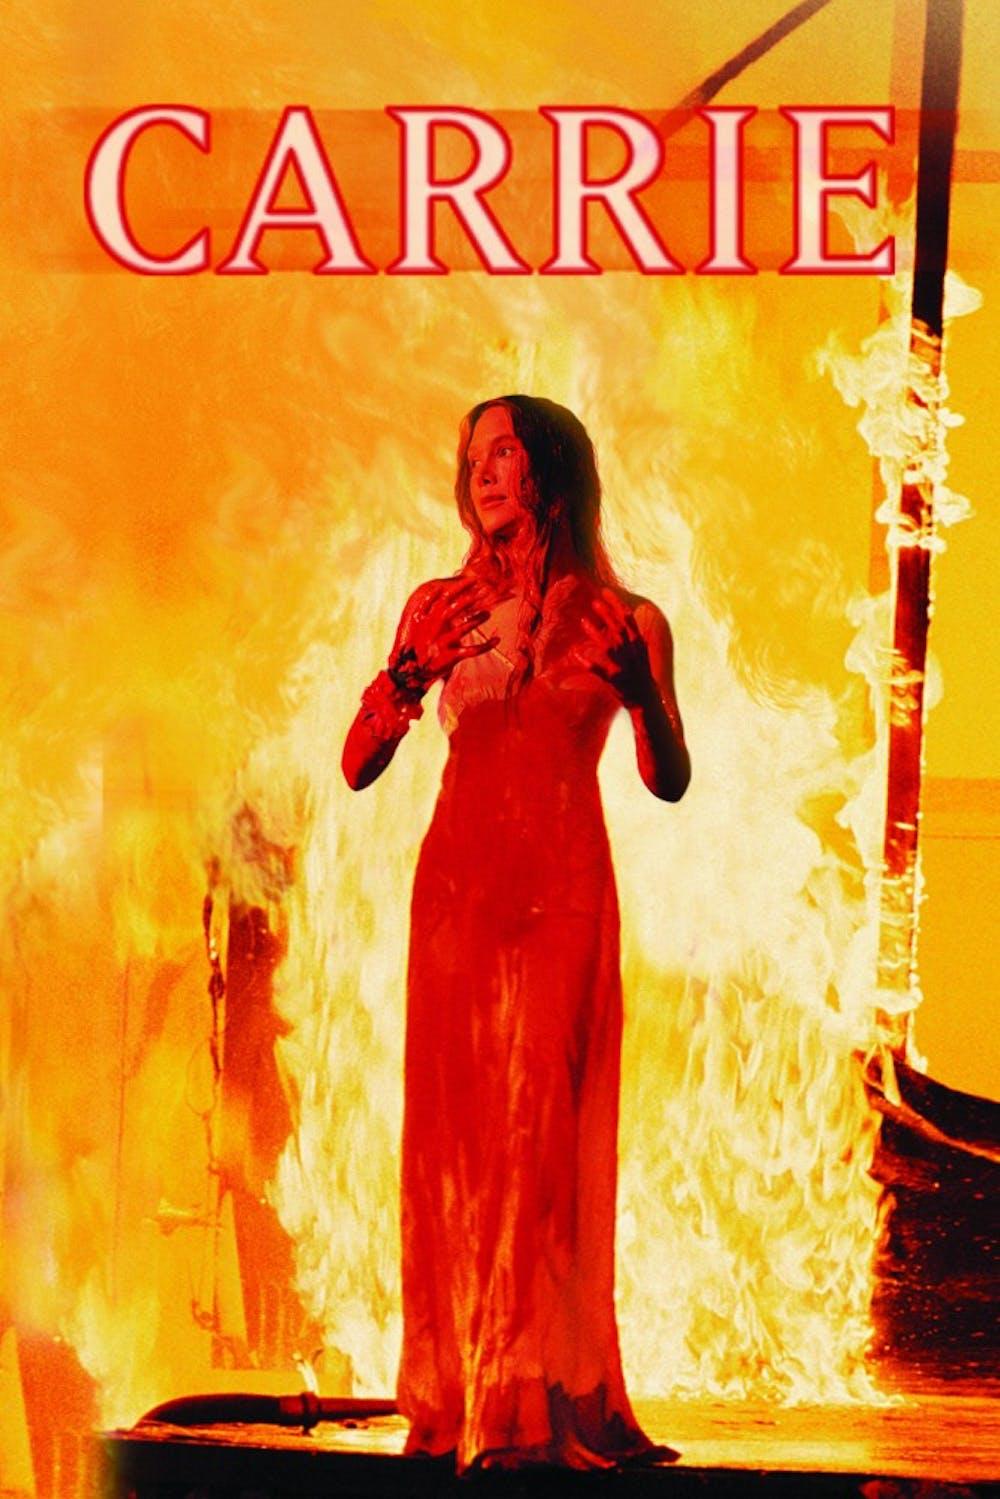 Women's roles in horror films